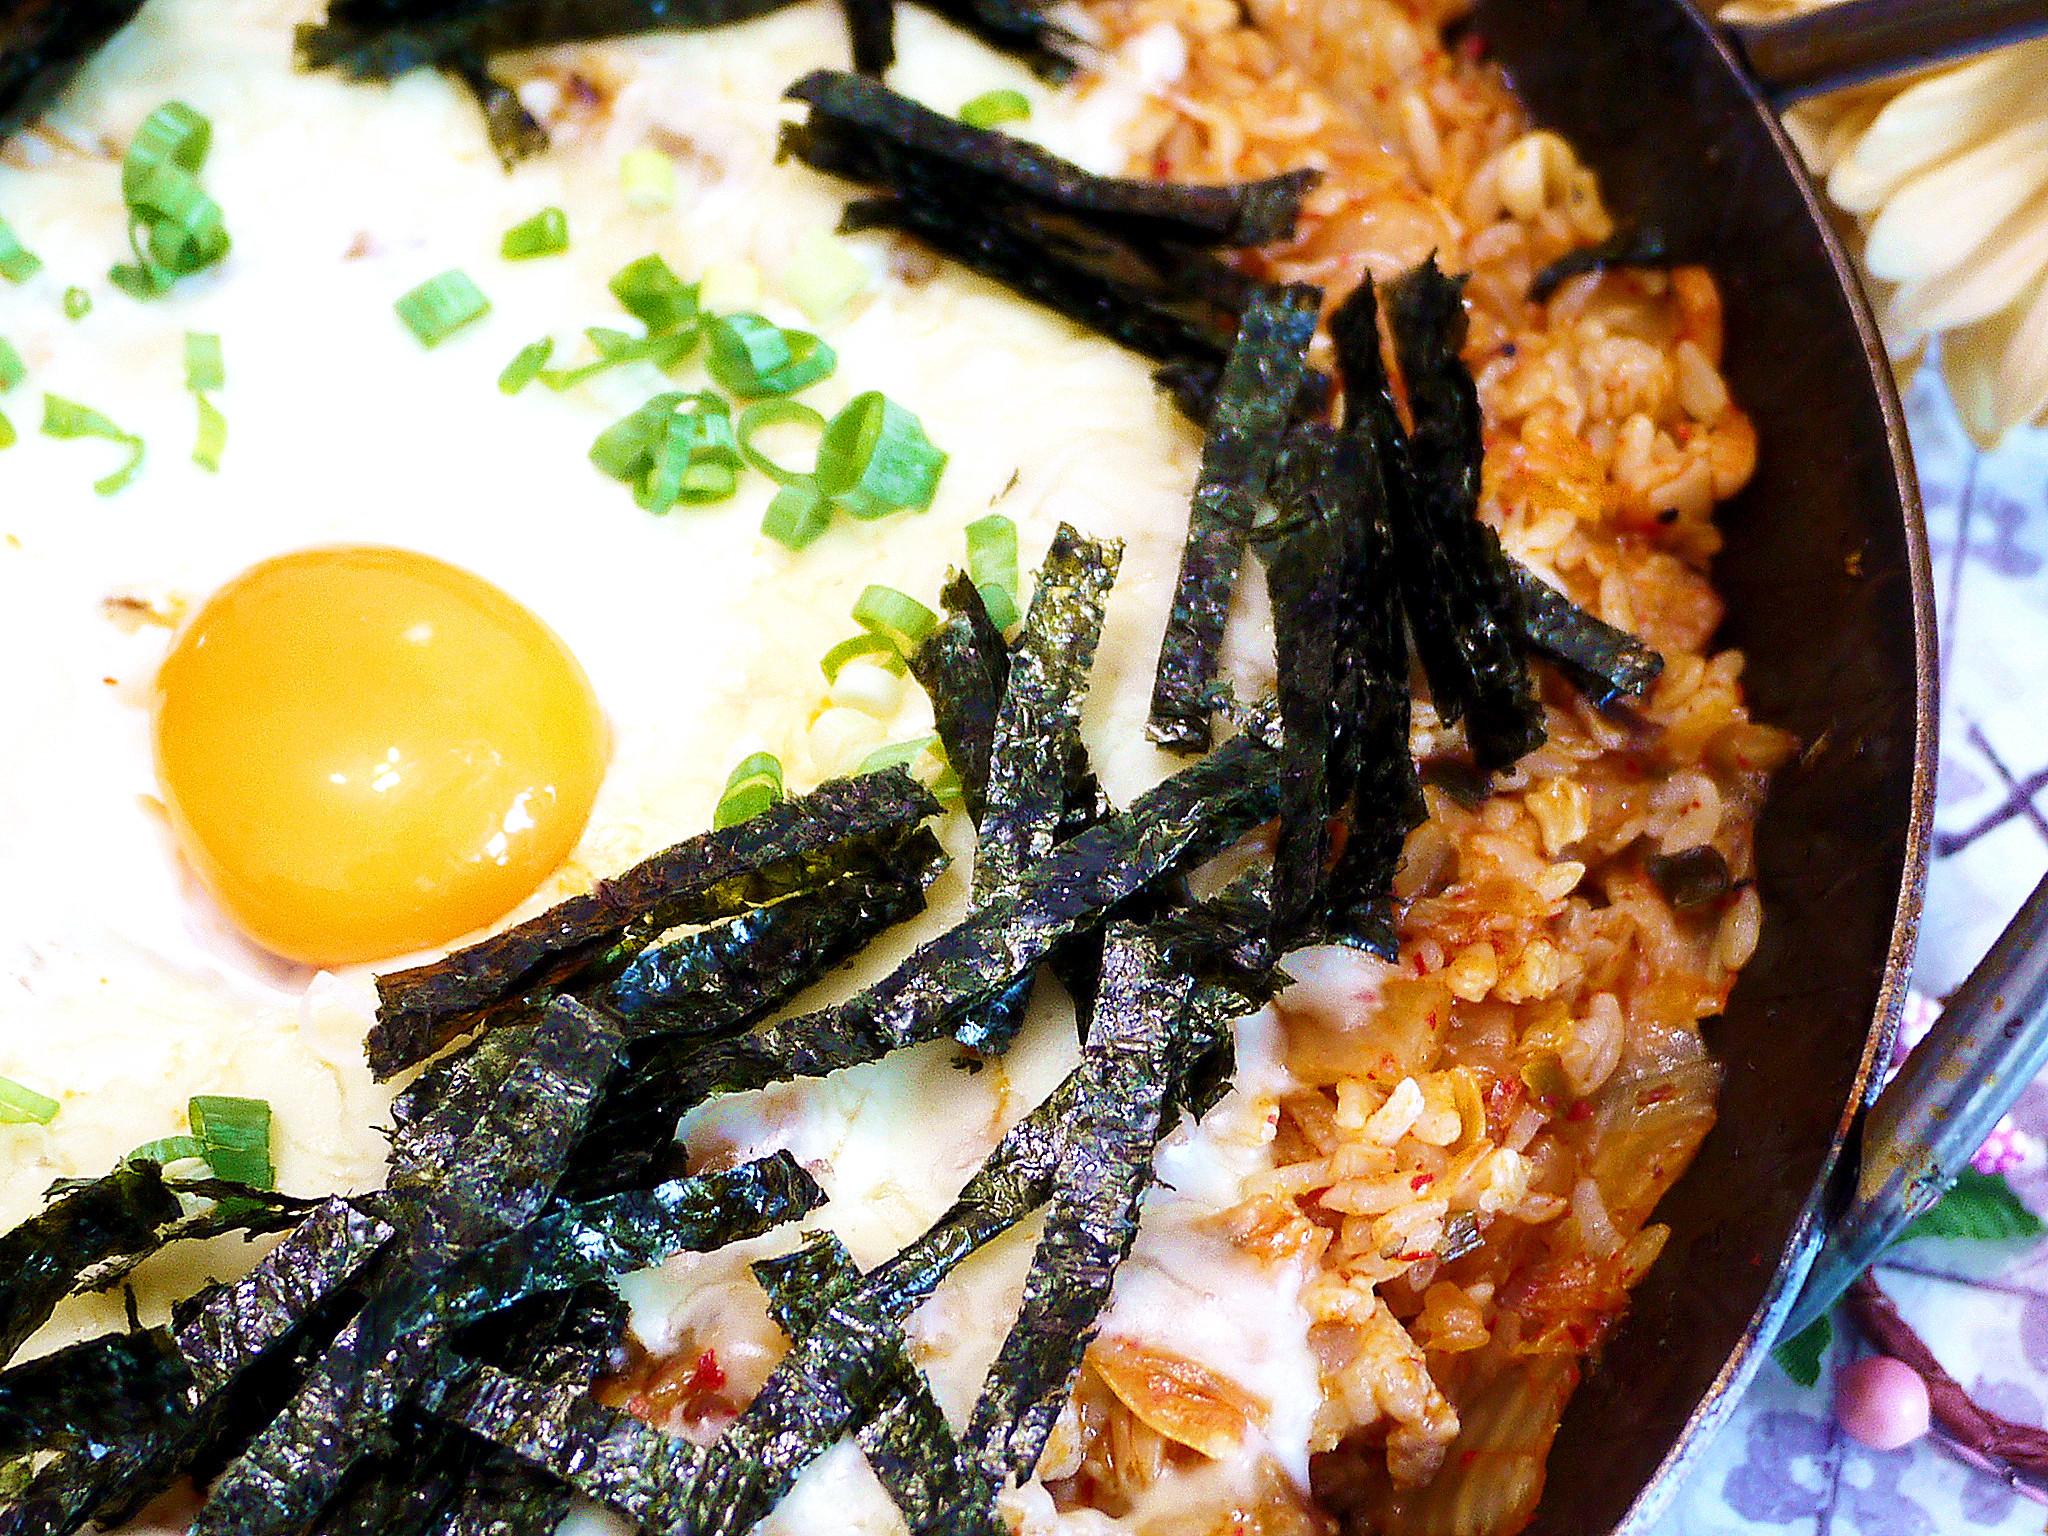 鮮菇泡菜起司鍋巴飯「好菇道營養料理」